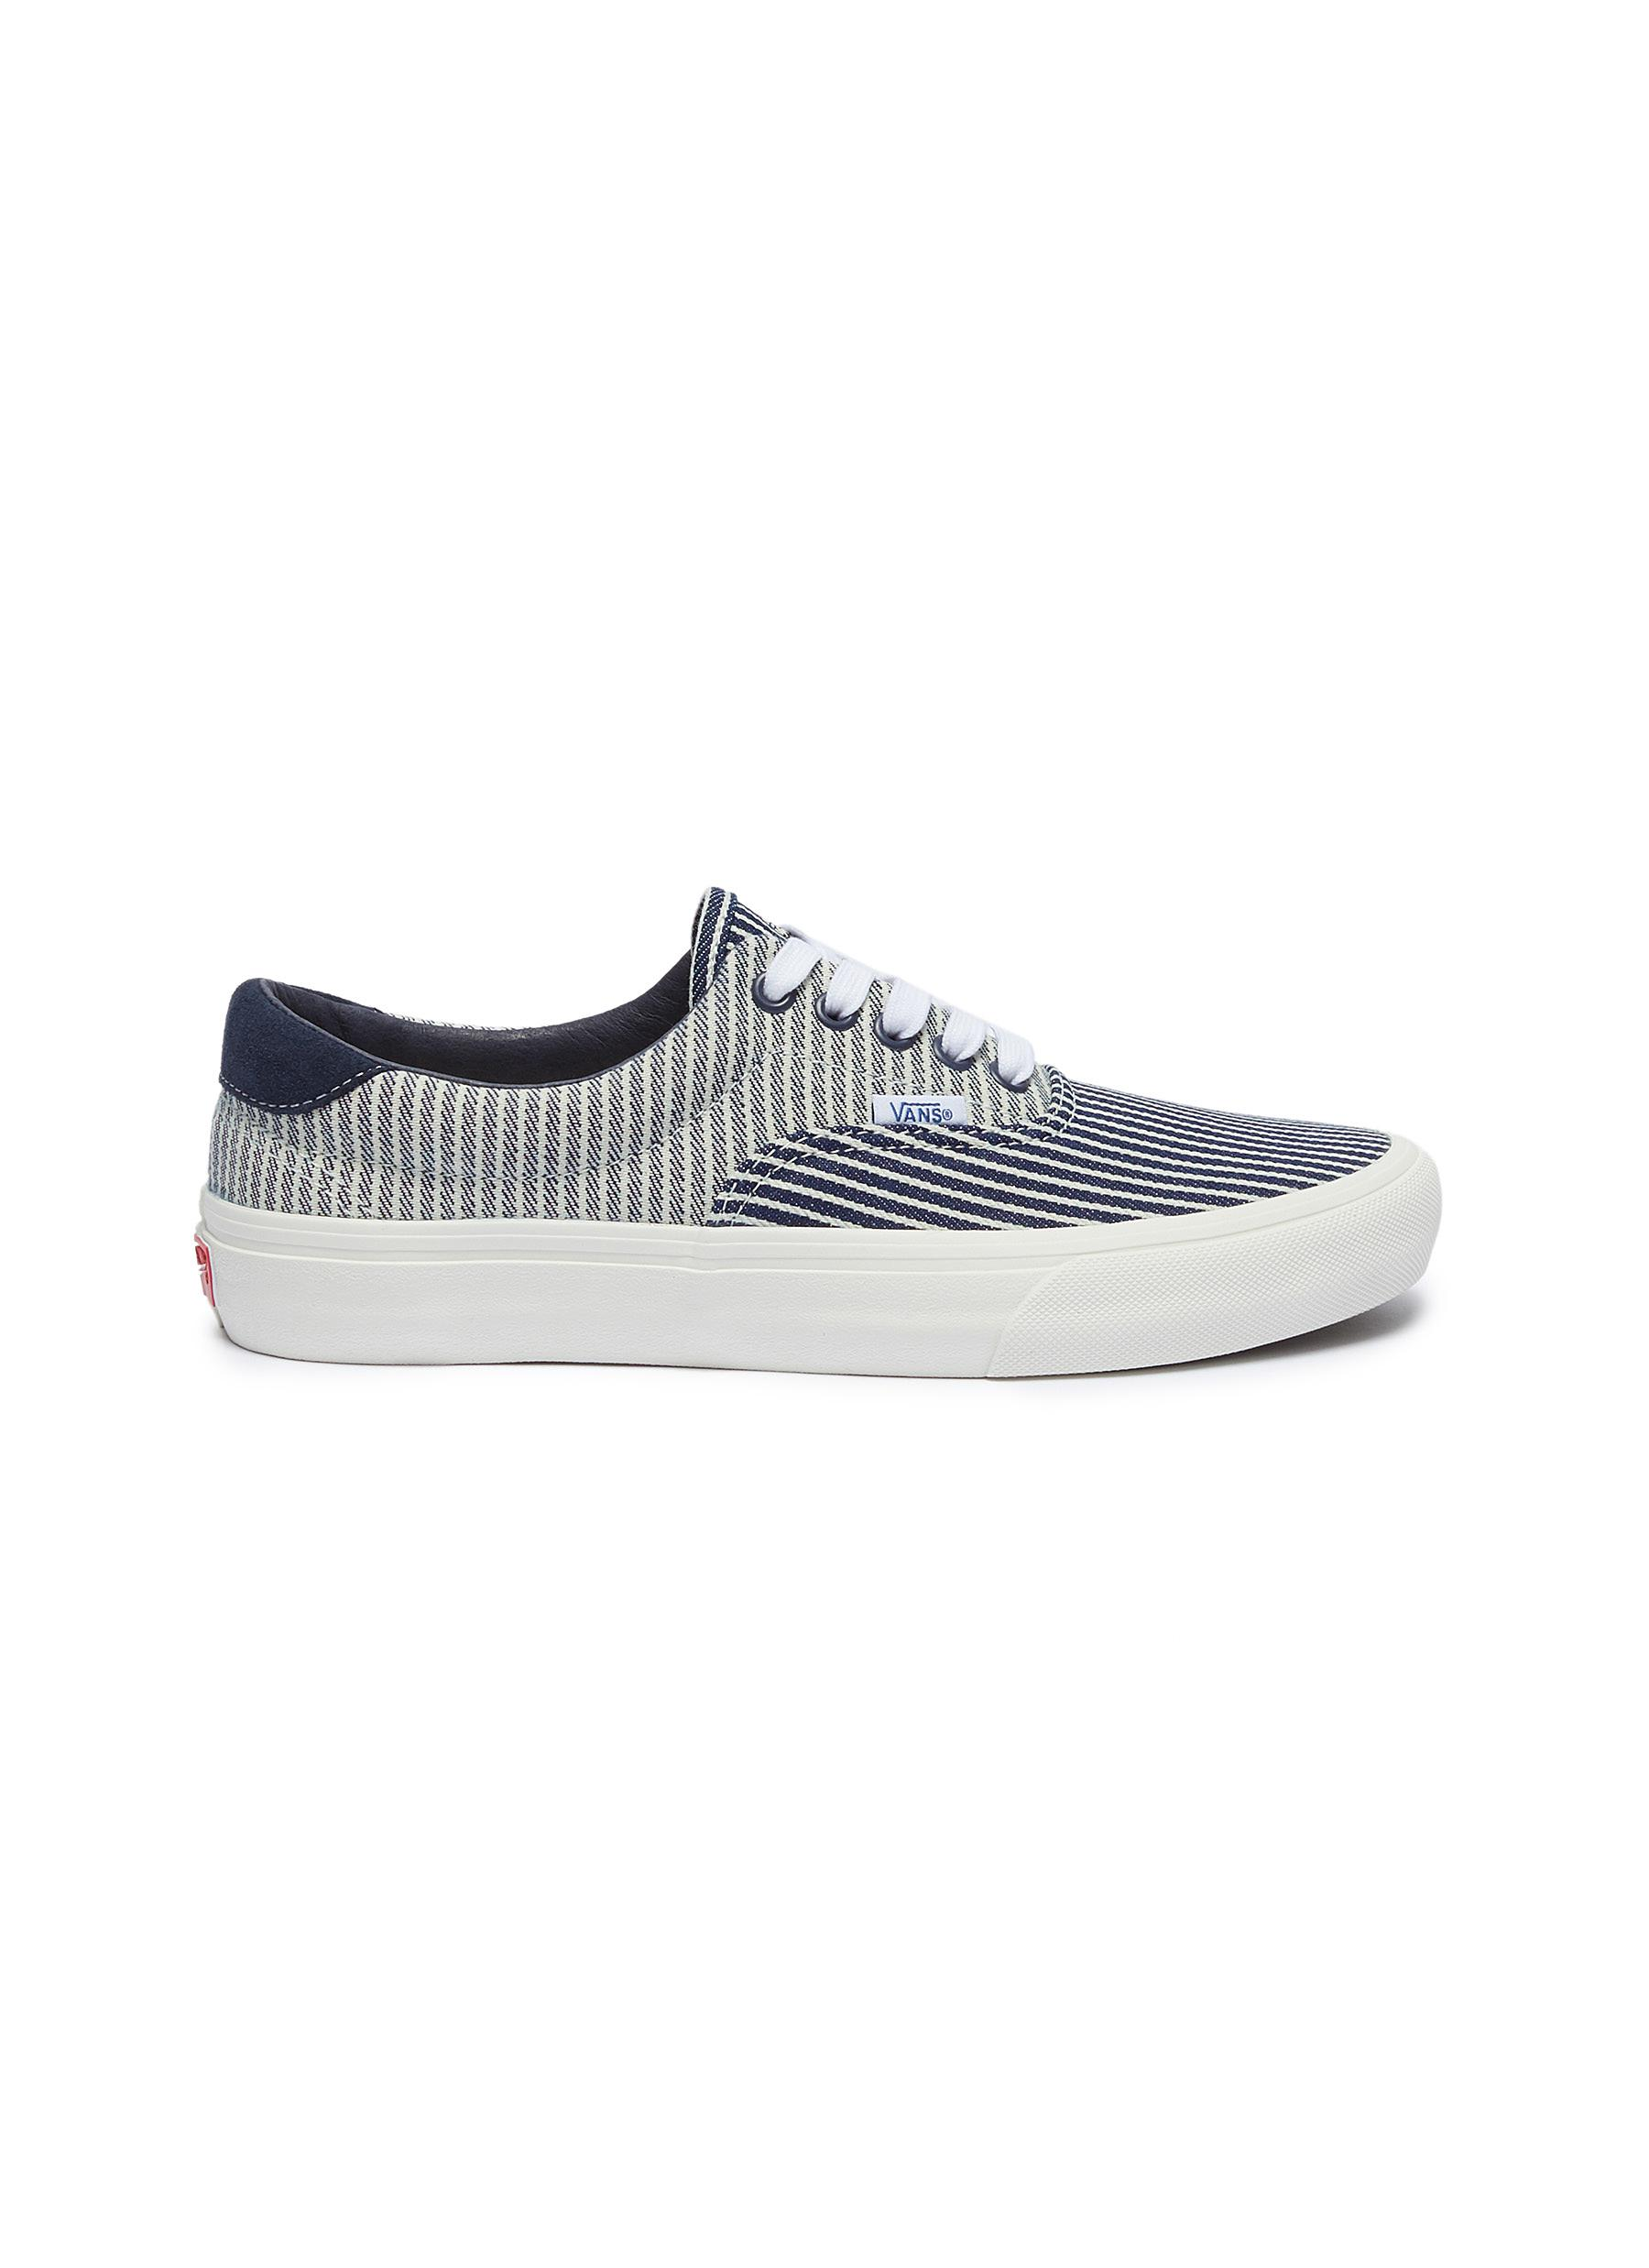 Era 59 stripe canvas skate sneakers by Vans